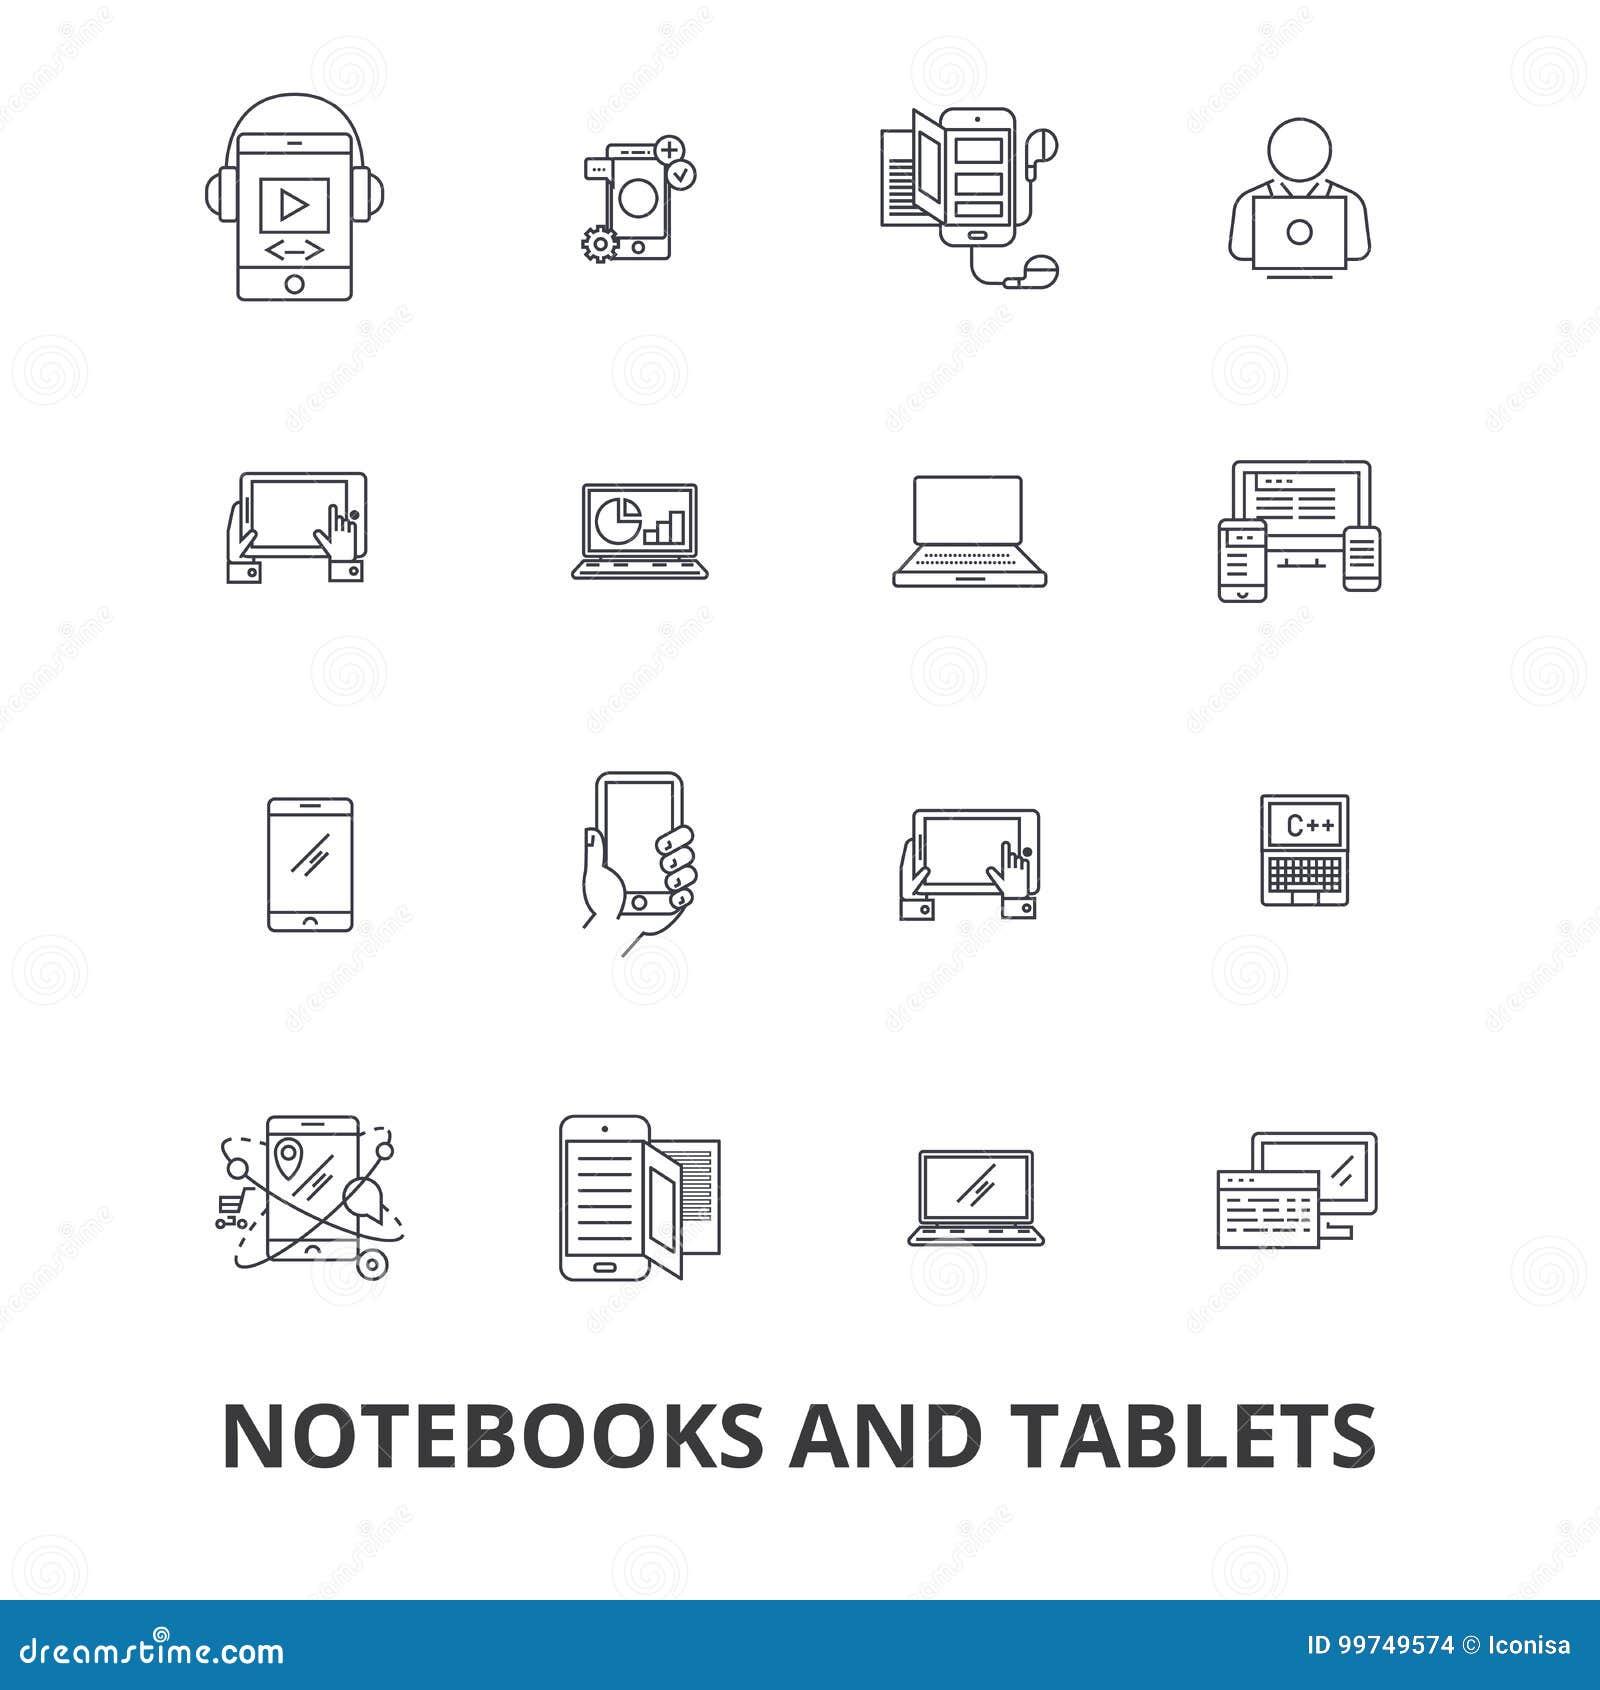 Σημειωματάρια και ταμπλέτες, lap-top, οθόνη, σημειωματάριο, υπολογιστής, συσκευή, εικονίδια γραμμών PC Κτυπήματα Editable Επίπεδο